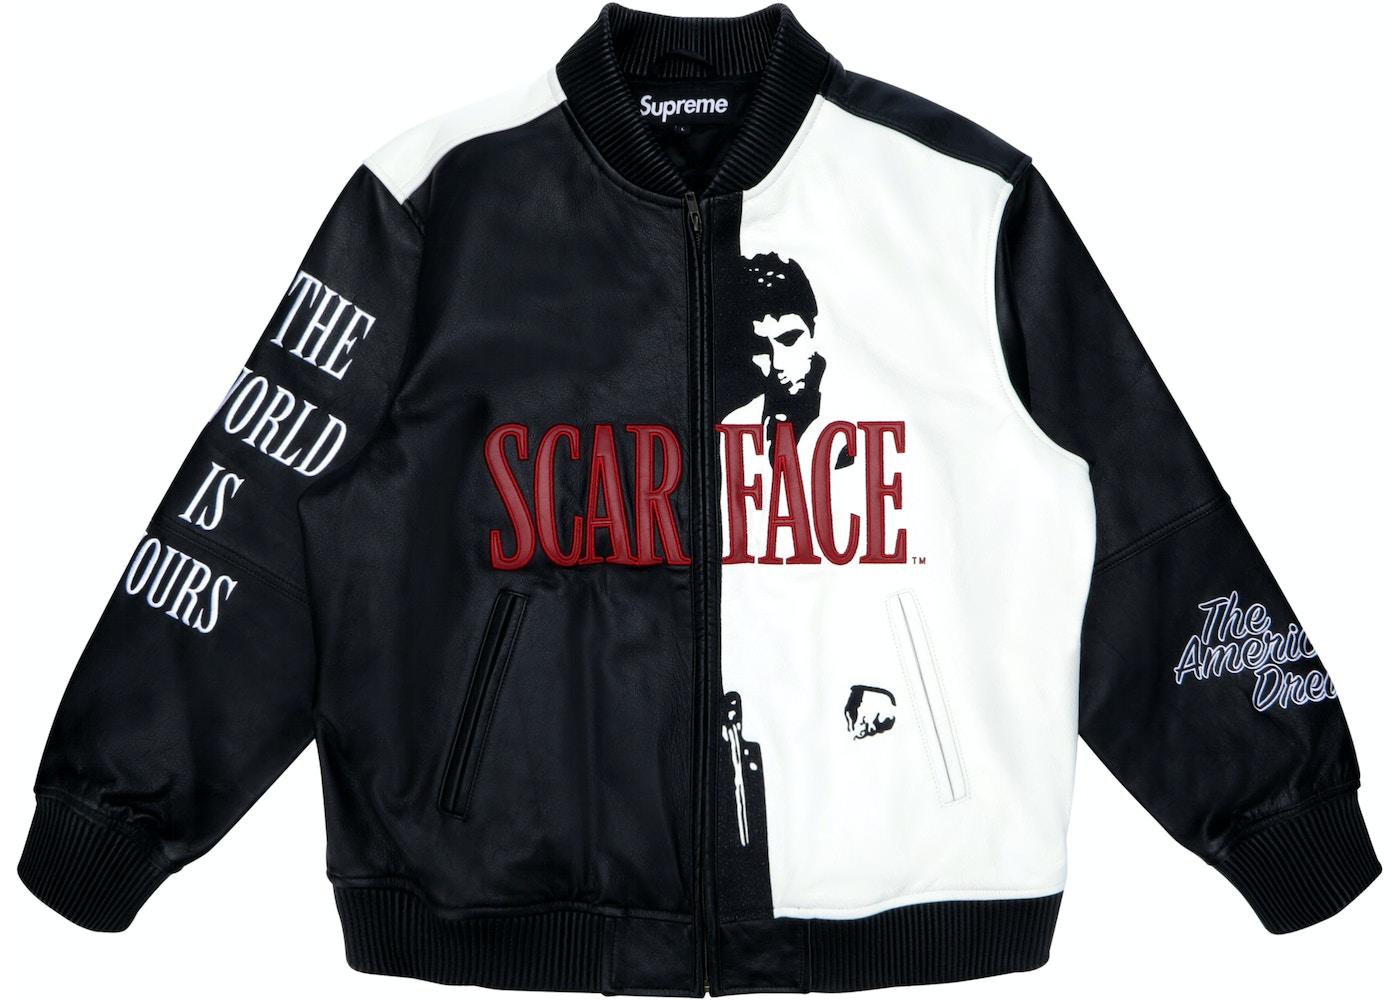 Supeme Jacket Supreme Scarface Embroidered Leather Jacket Black - FW17